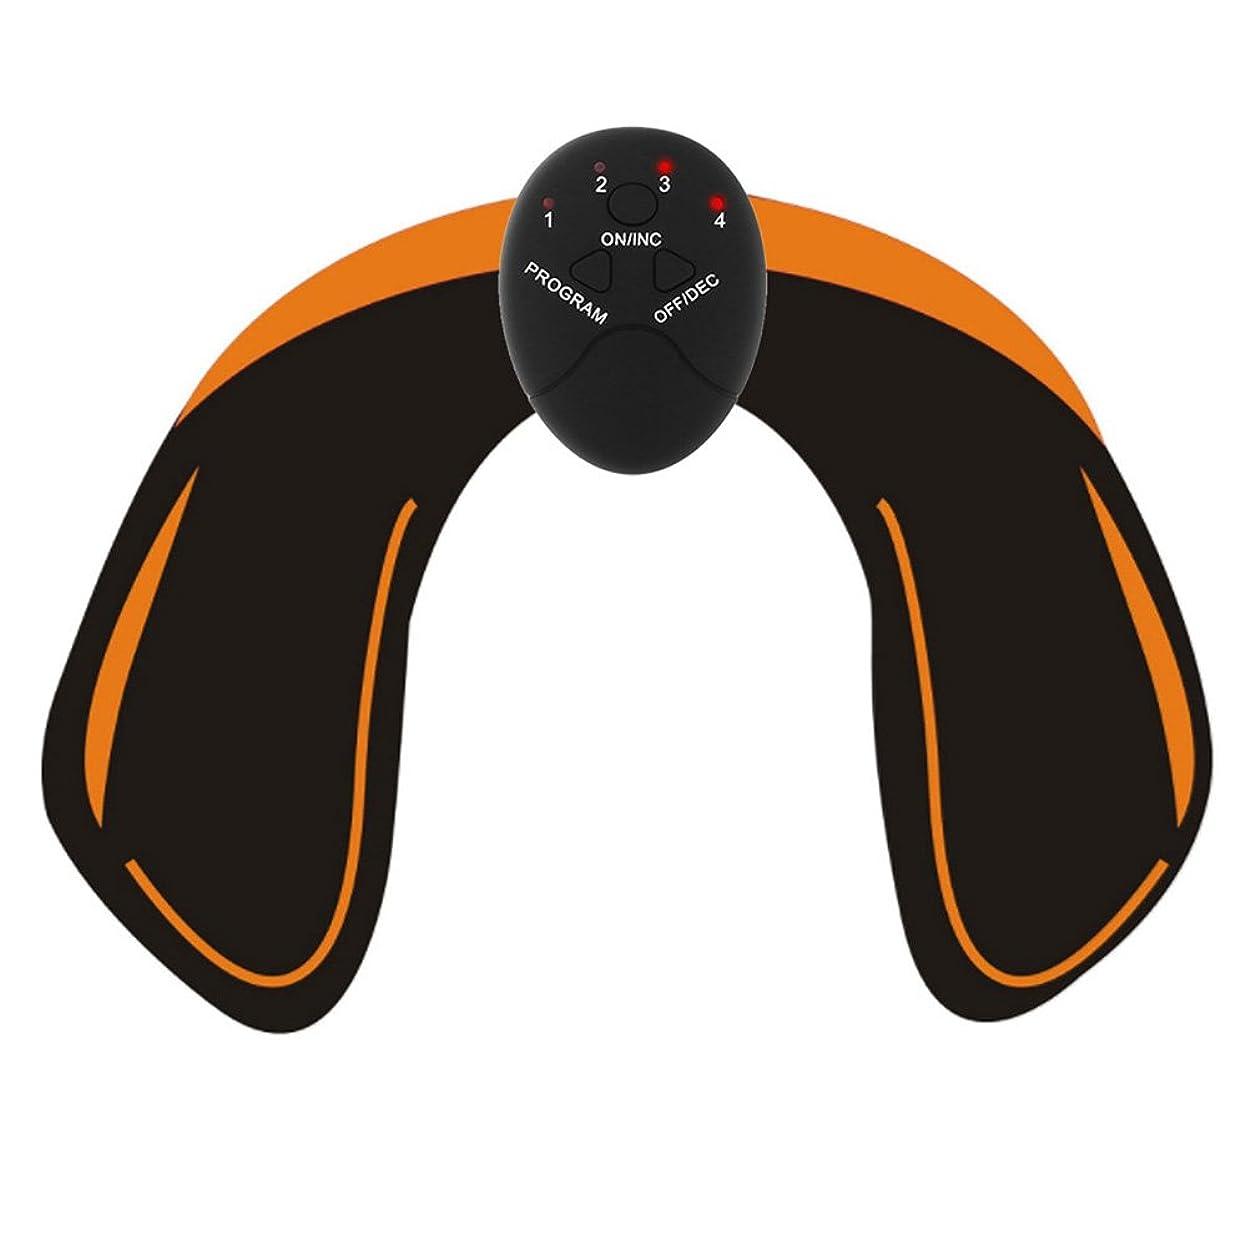 そよ風安定不快なHealifty EMS トレーニングパッド ヒップアップ お尻専用 多機能 筋トレ器具 ダイエット 筋肉振動 引き締める 強さ階段調節 男女兼用